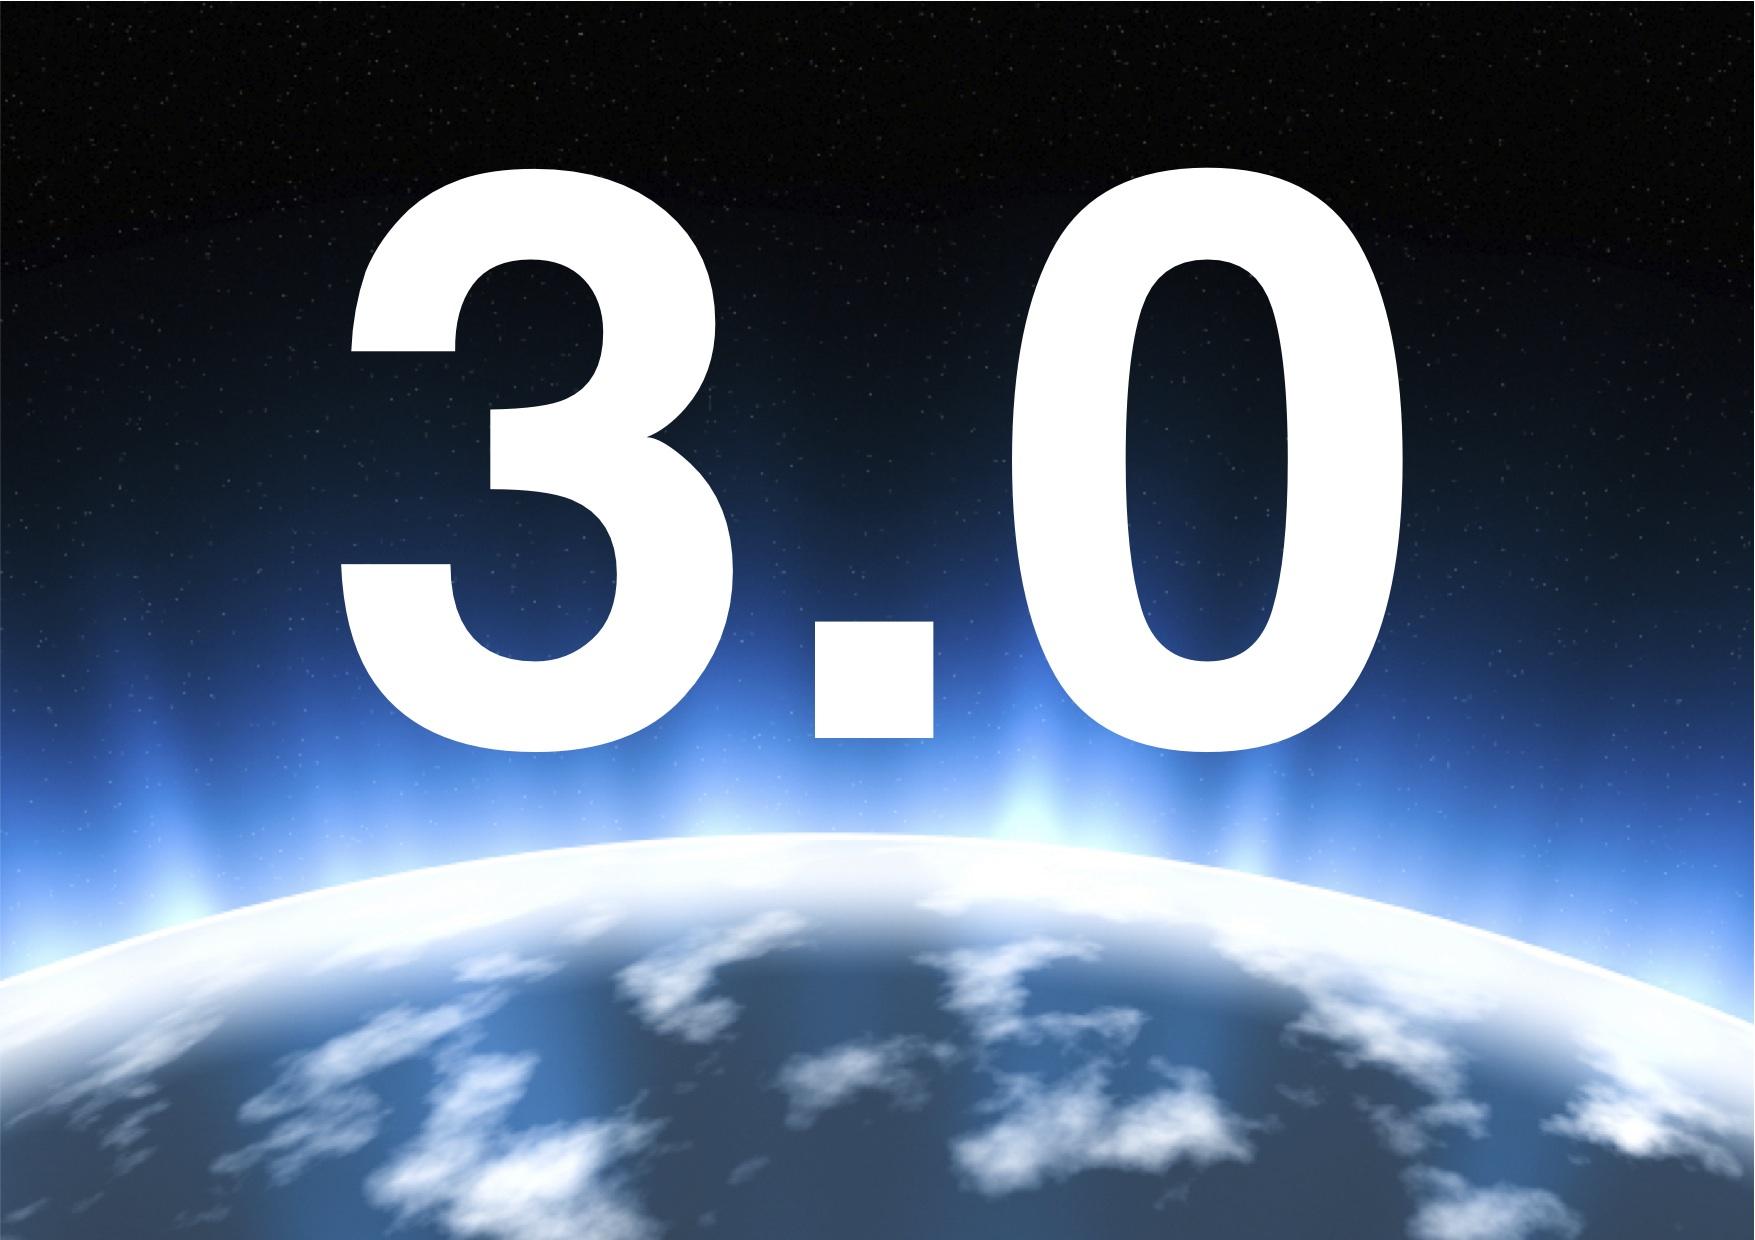 web_3-0.jpg